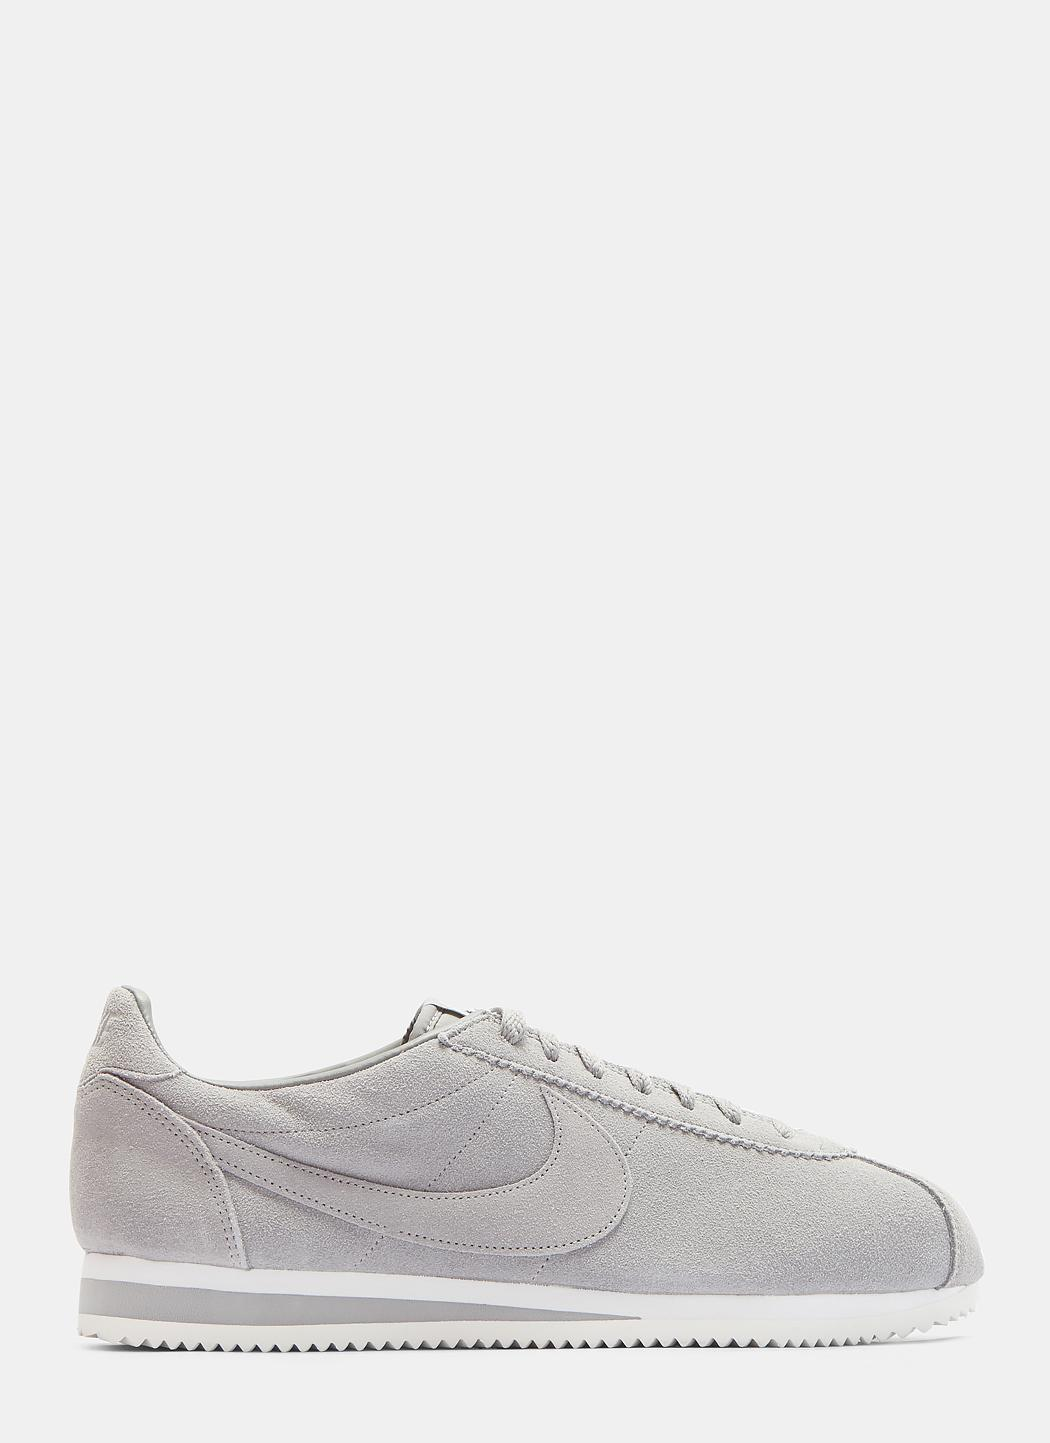 Nike. Women's Purple Classic Cortez Suede Sneakers ...